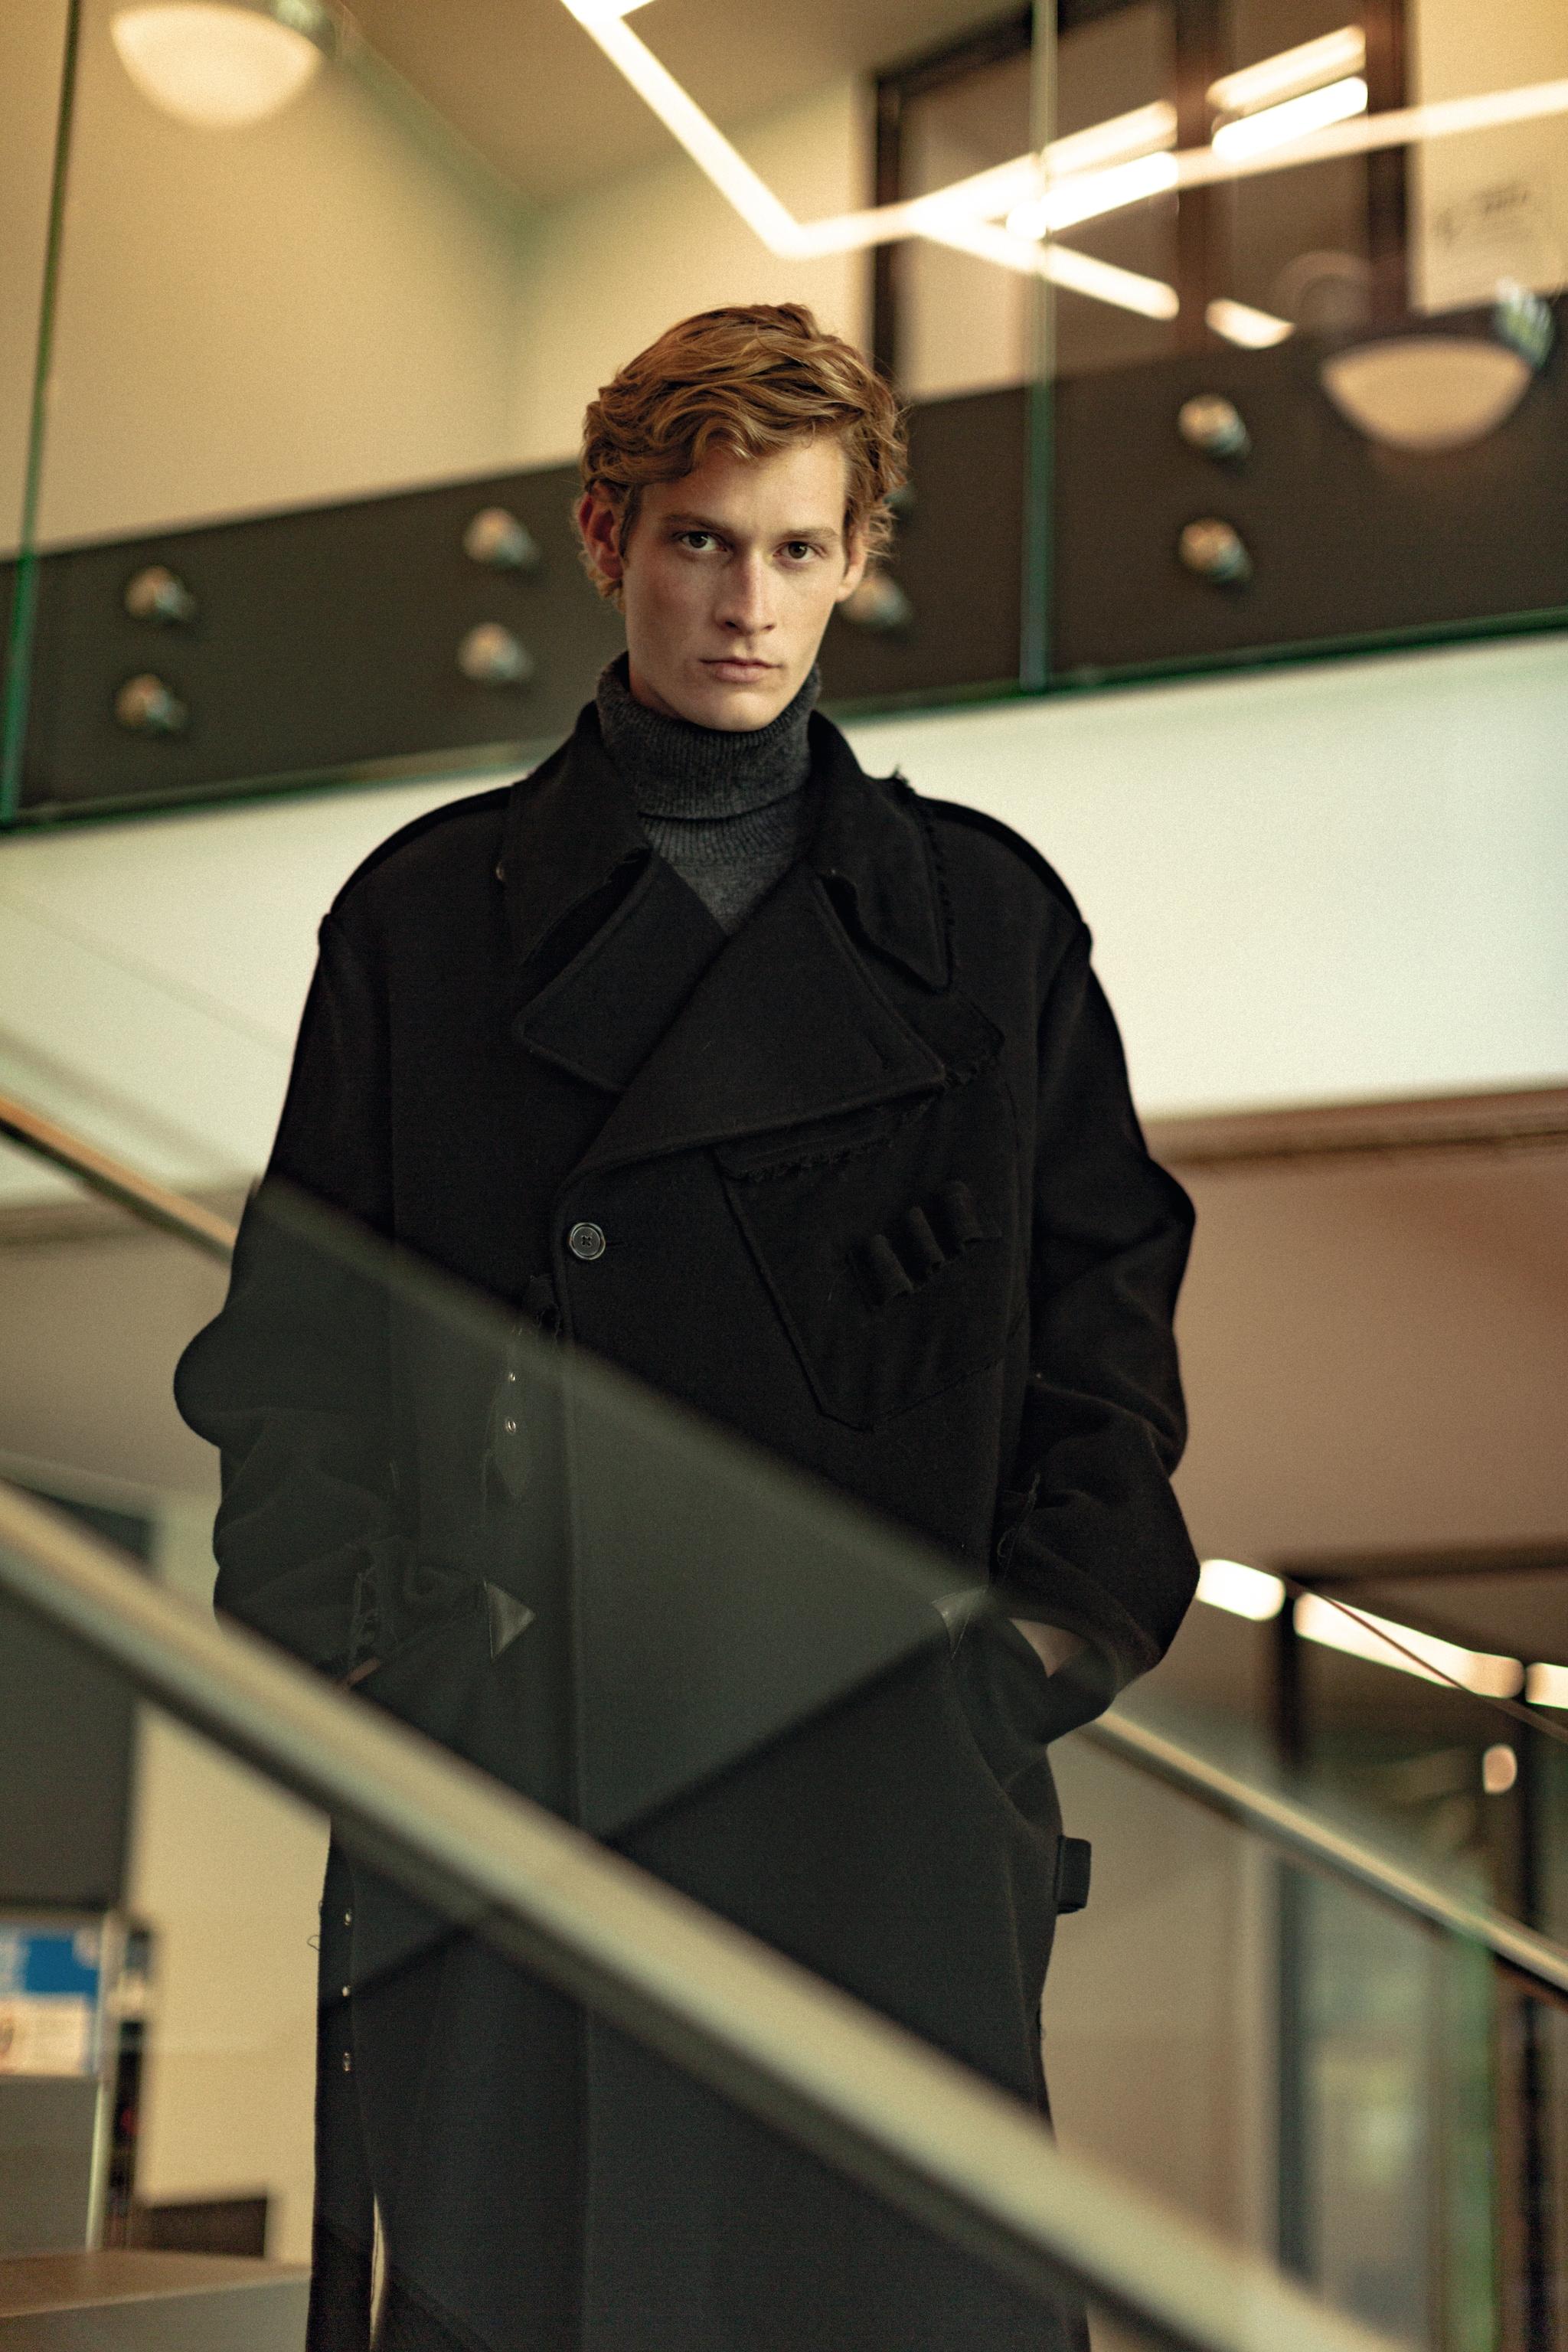 Cappotto doppiopetto in lana taglio over e dolcevita in cashmere, Dolce & Gabbana.